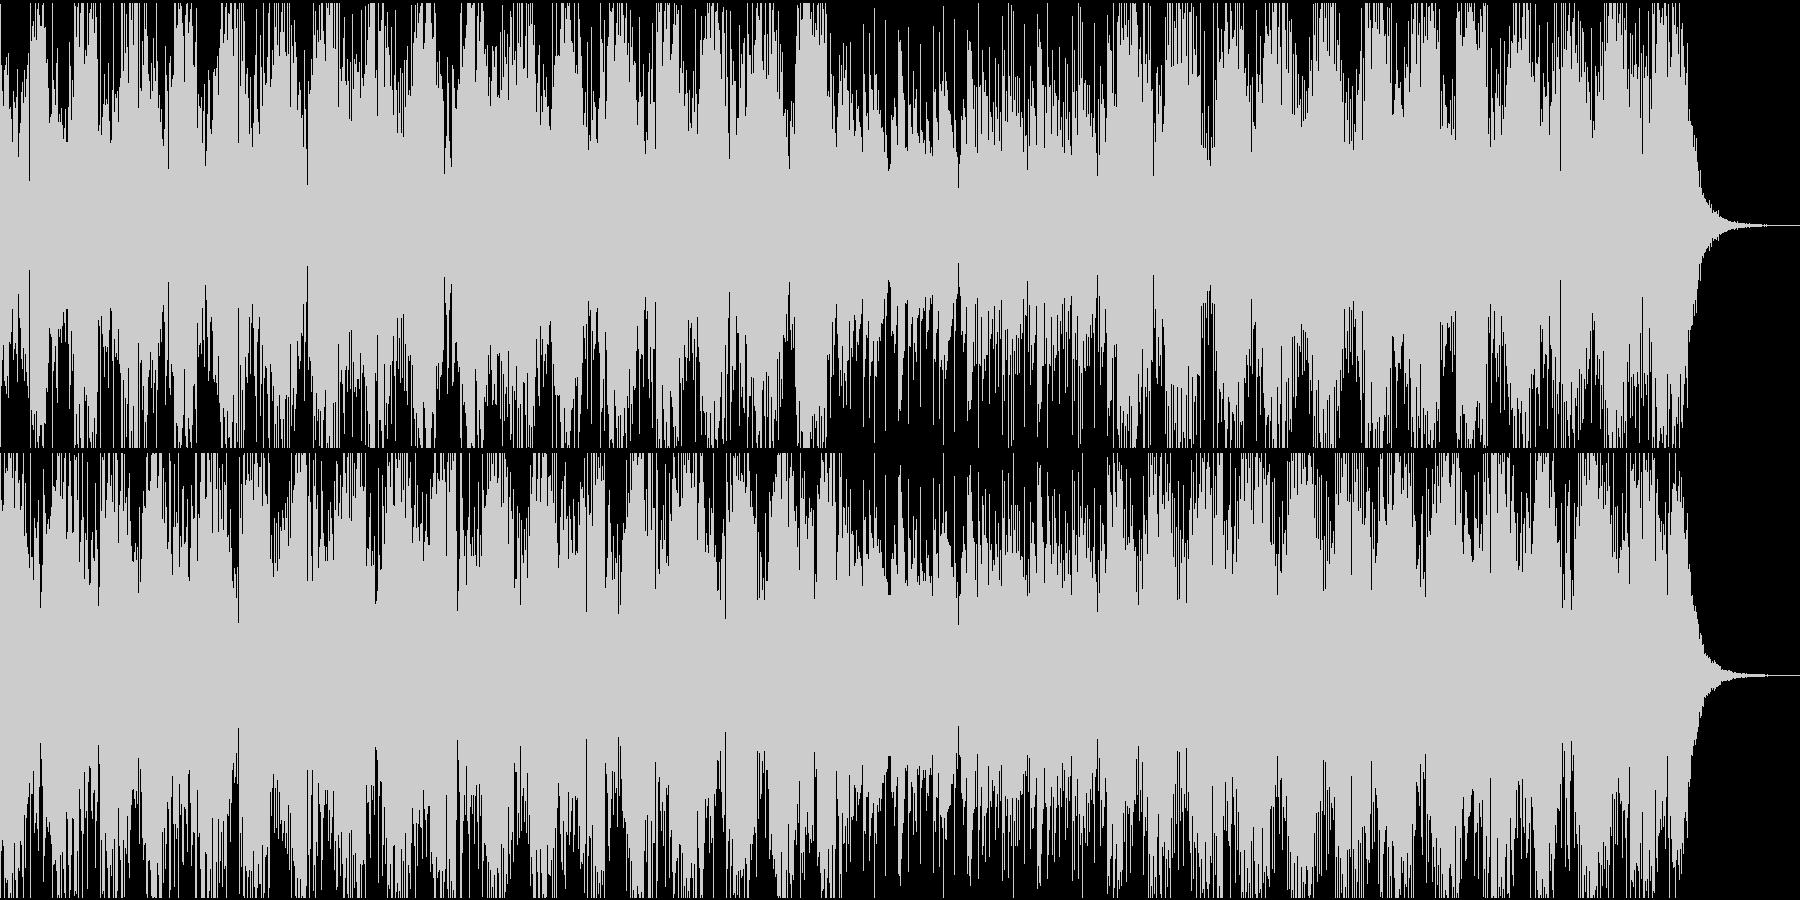 恐怖と緊迫感を醸し出すBGMの未再生の波形